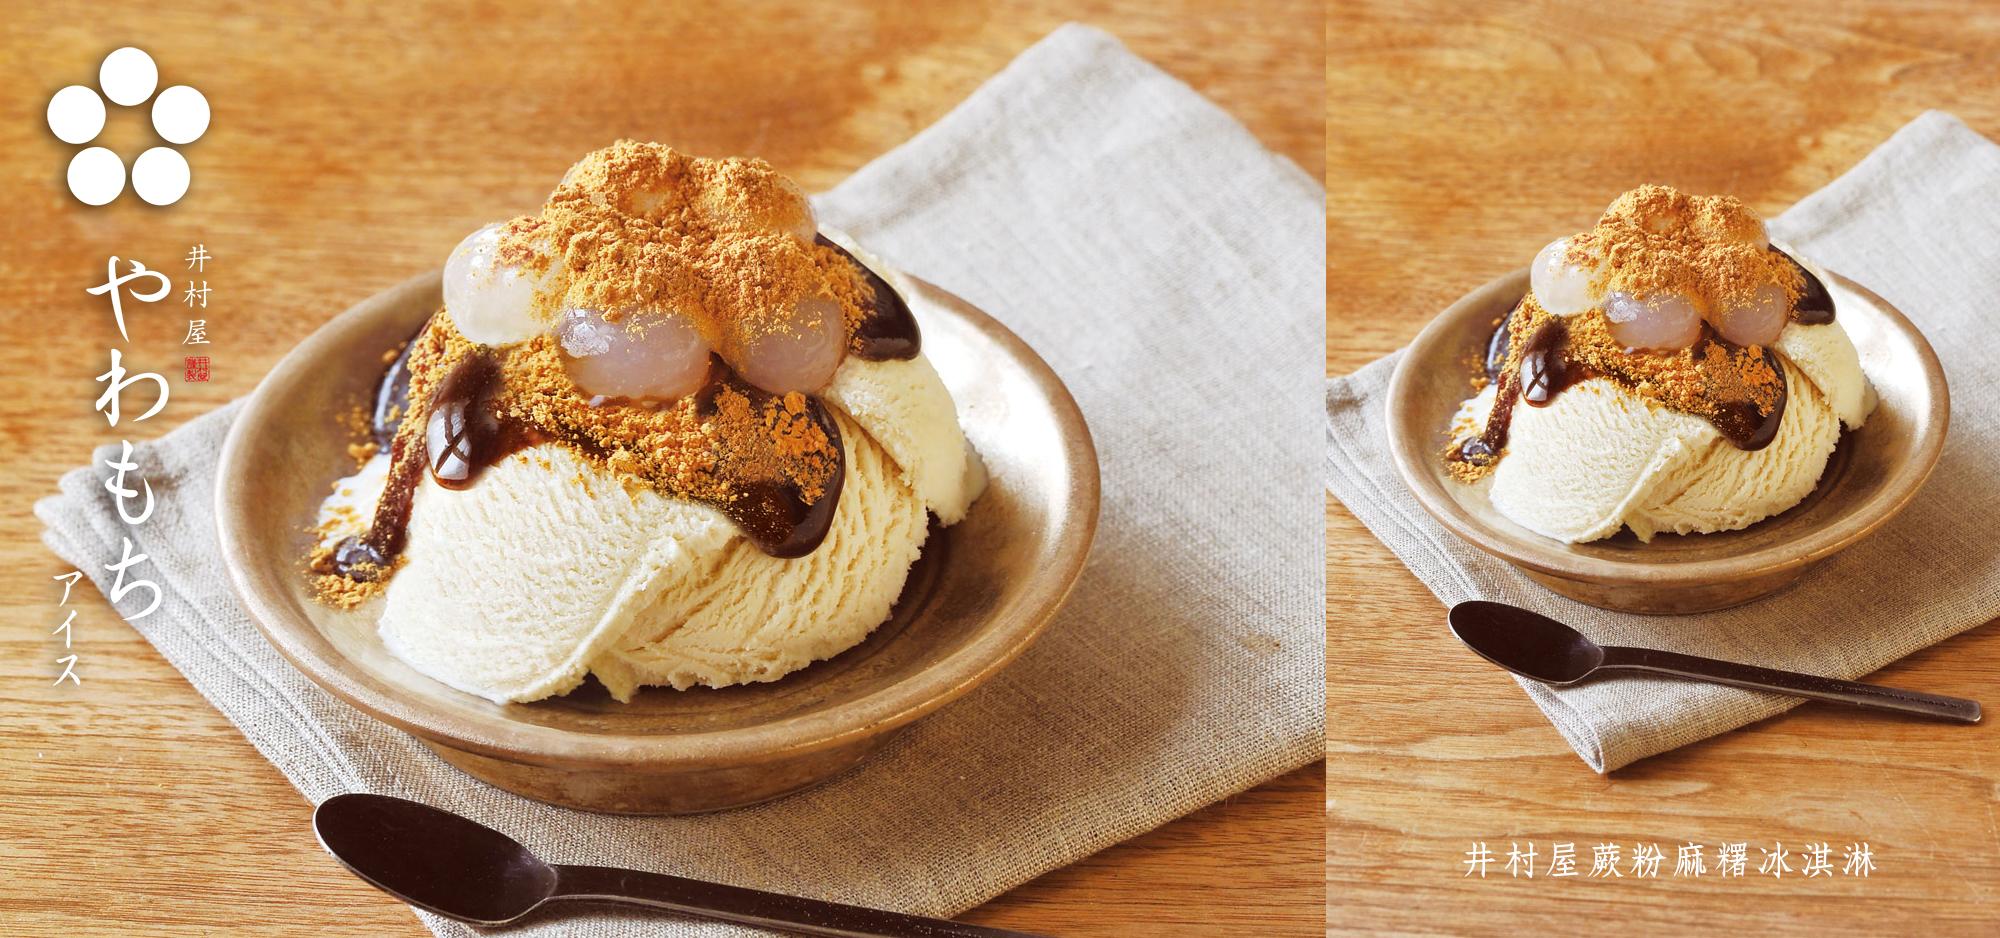 蕨粉麻糬冰淇淋